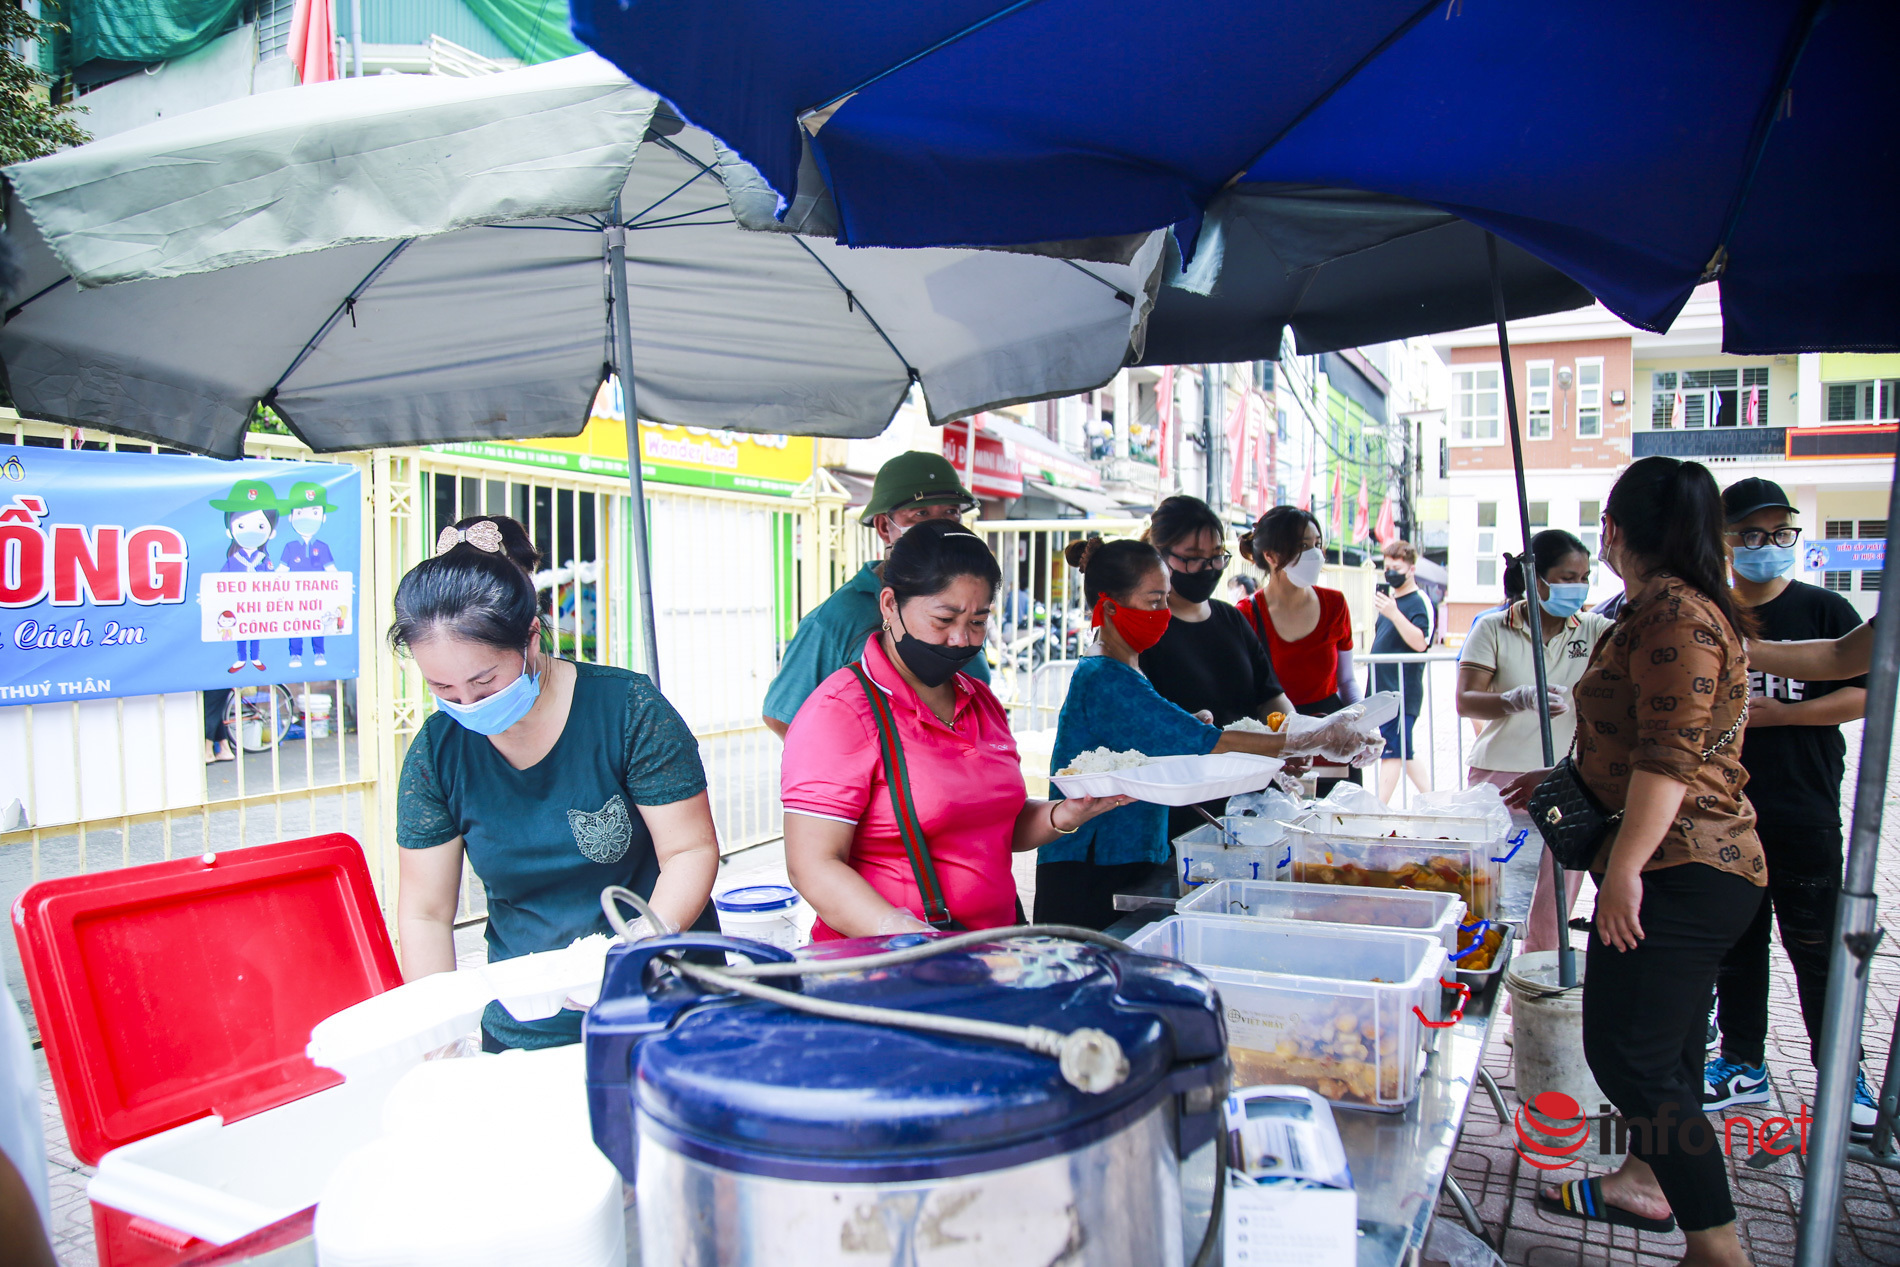 bữa cơm 0 đồng,hỗ trợ mùa dịch,phường phú đô,đoàn thanh niên,nấu cơm miễn phí,khó khăn,người nghèo,sinh viên